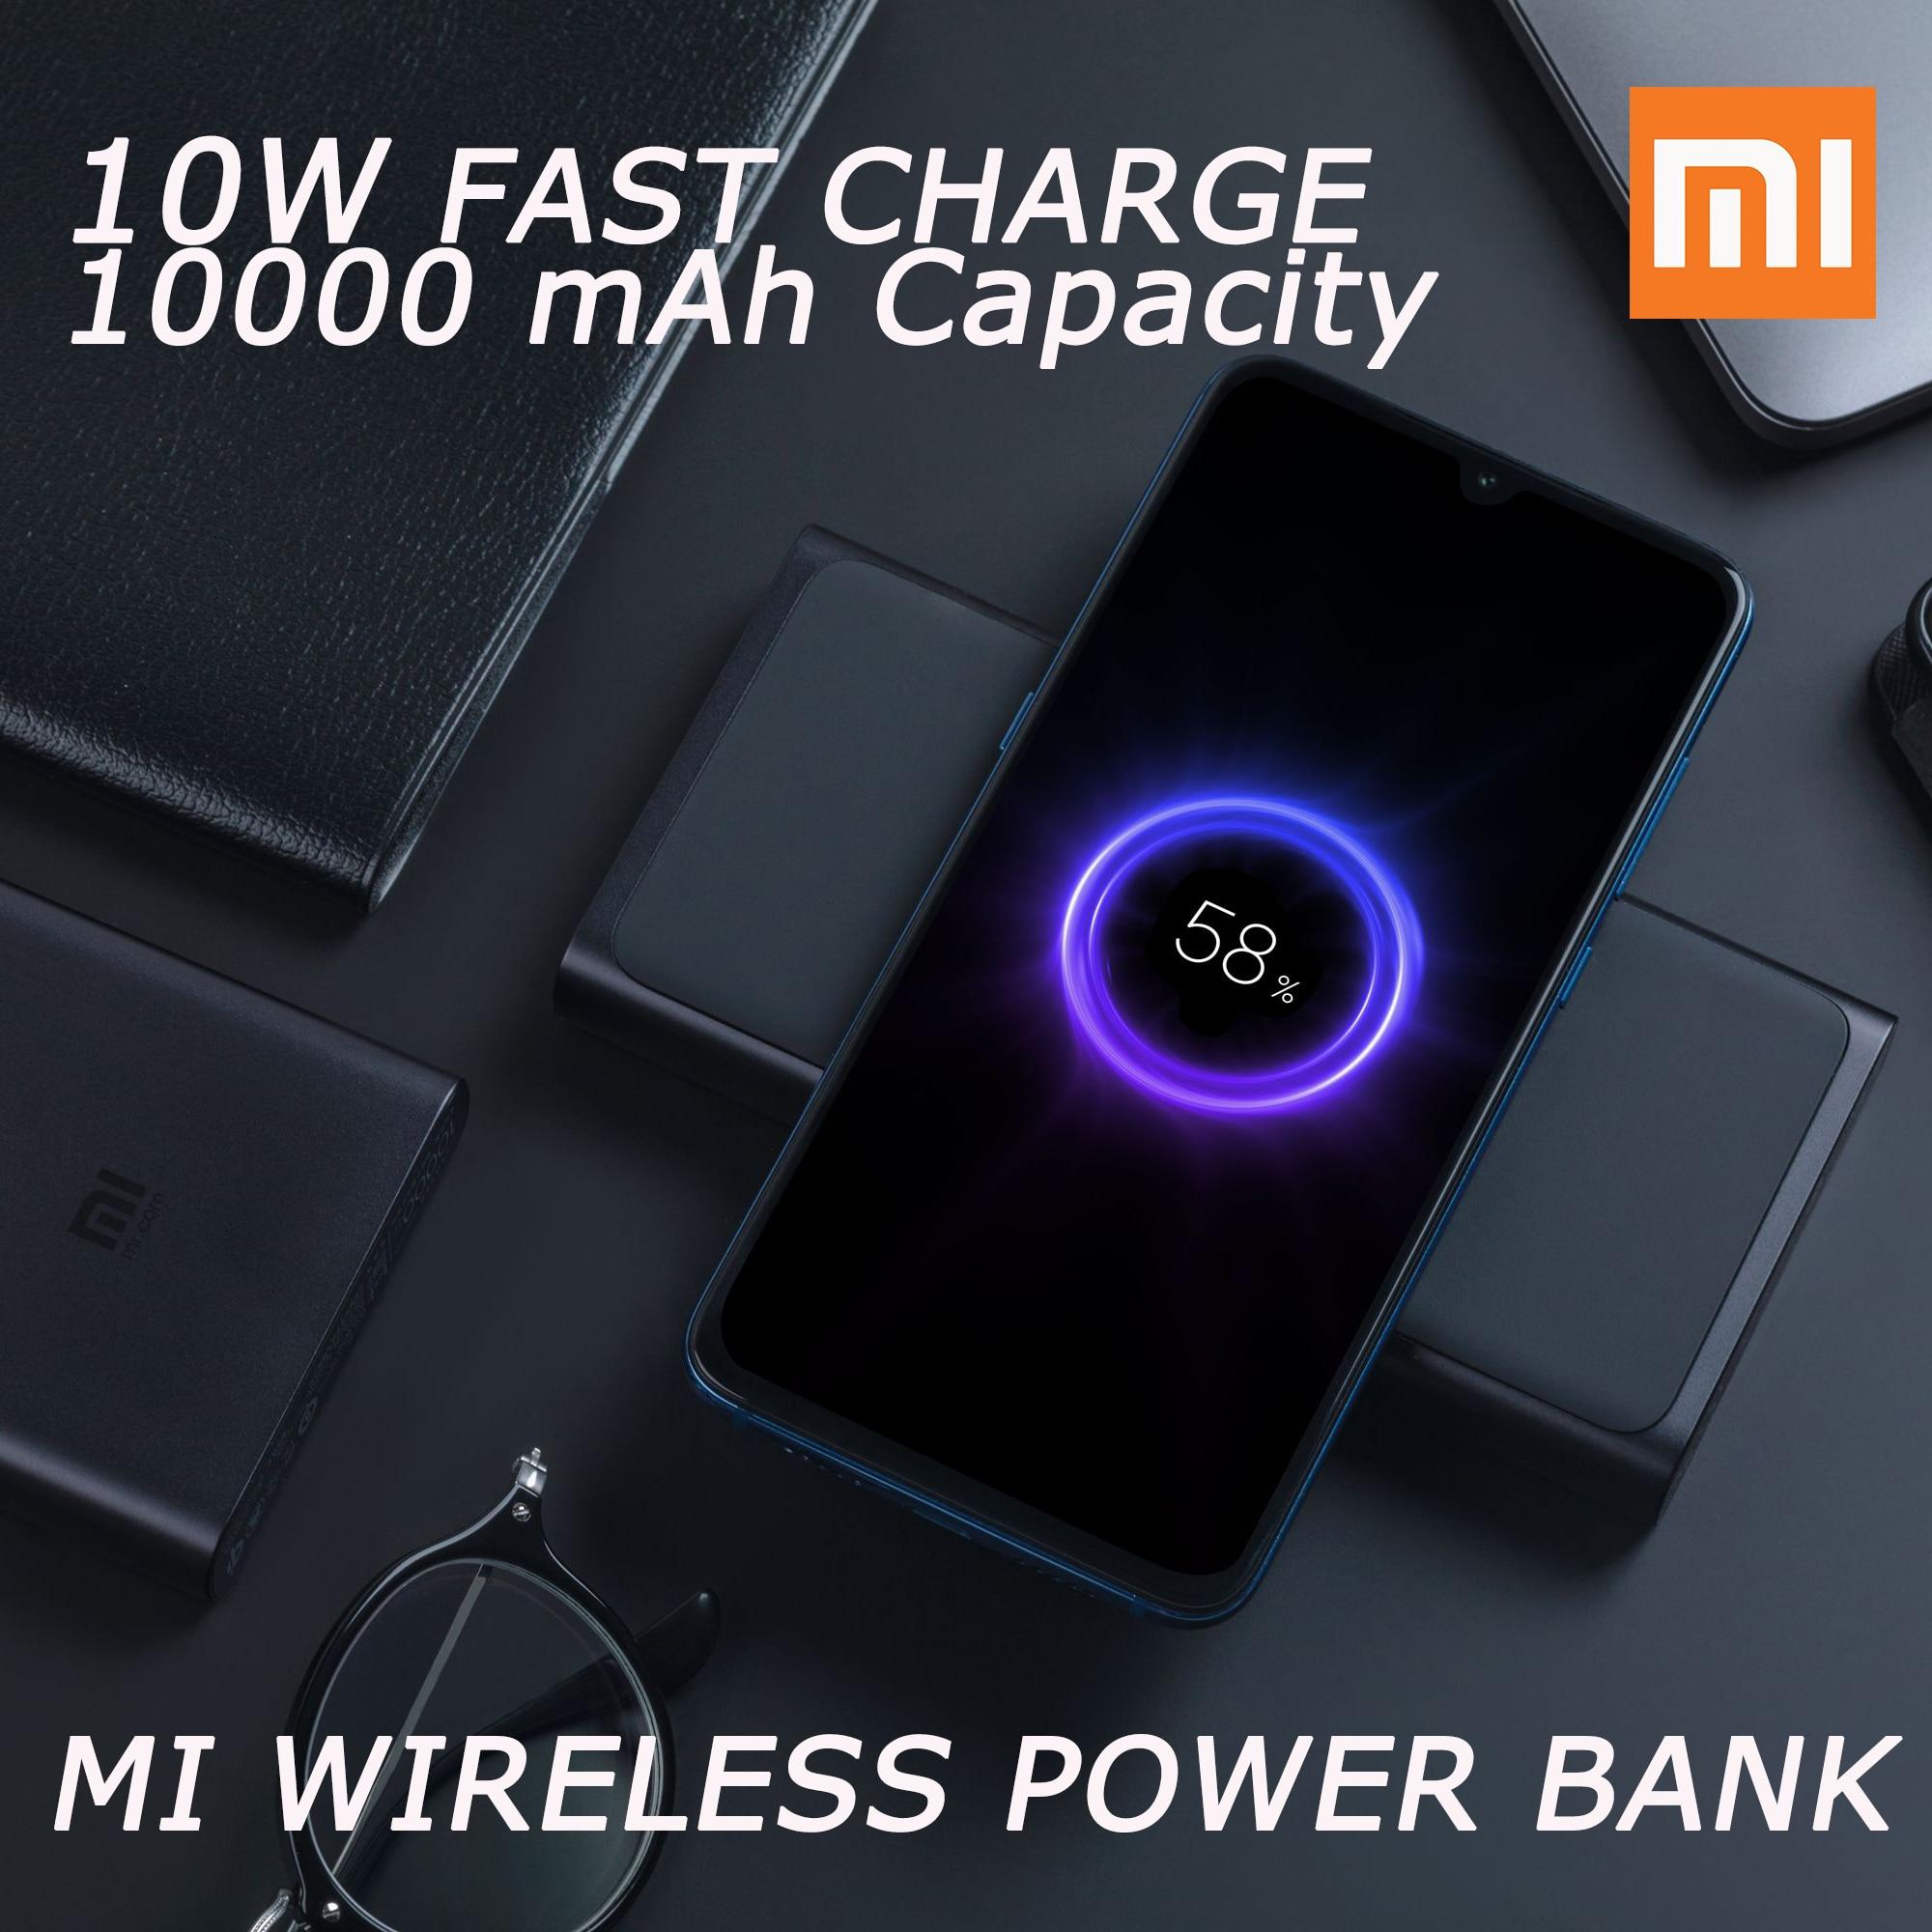 En Stock 2019 nouvelle batterie externe sans fil Xiaomi 10.000 mAh 10 W/18 W Portable pour iPhone Samsung Protection des objets étrangers